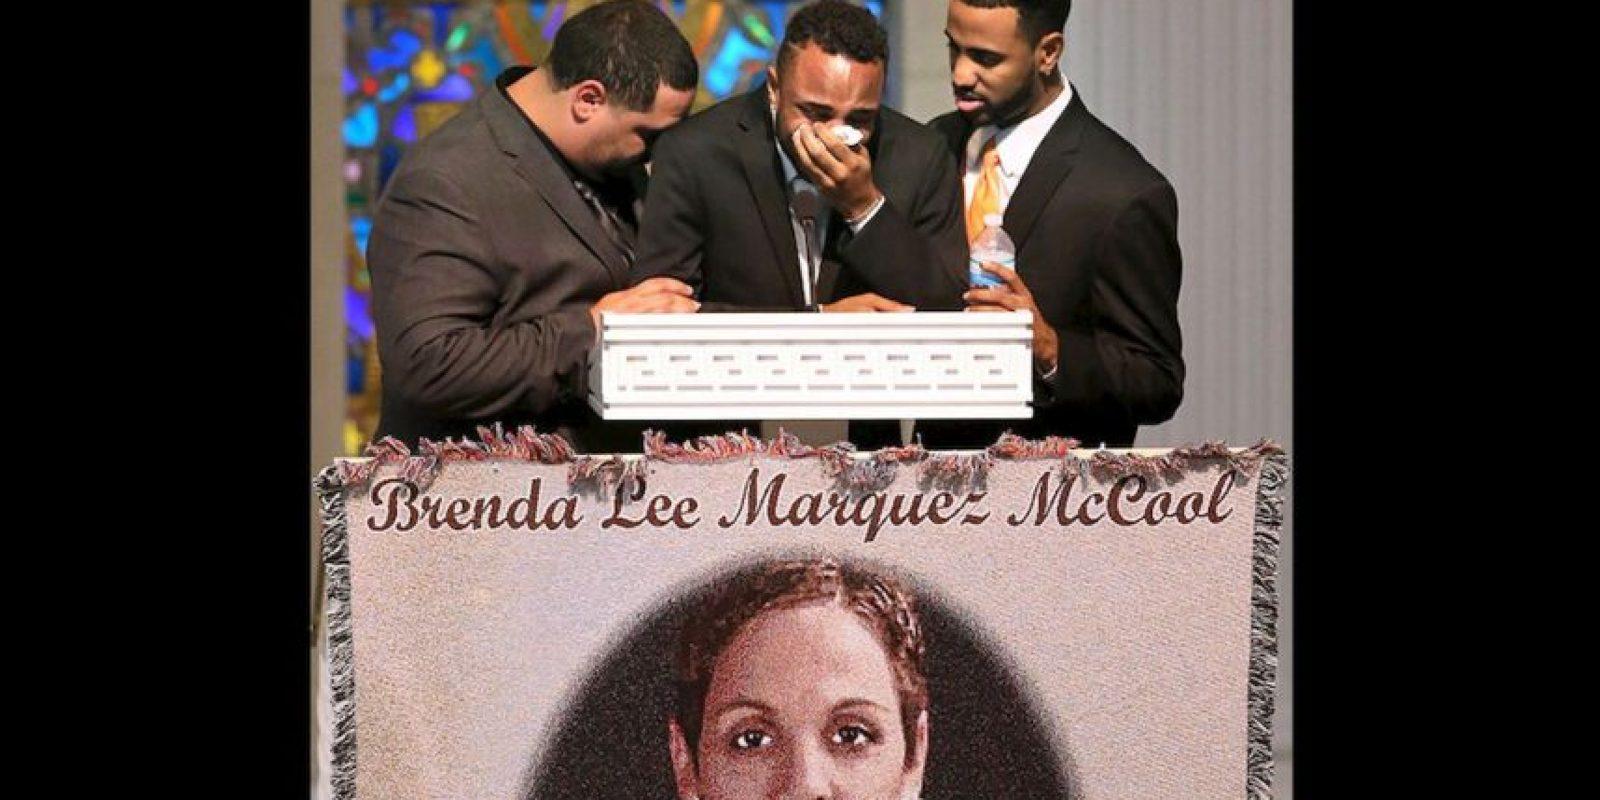 Brenda Lee Marquez McCool se ha convertido en un símbolo de lucha y tolerancia para la comunidad LGBT. Foto:AP